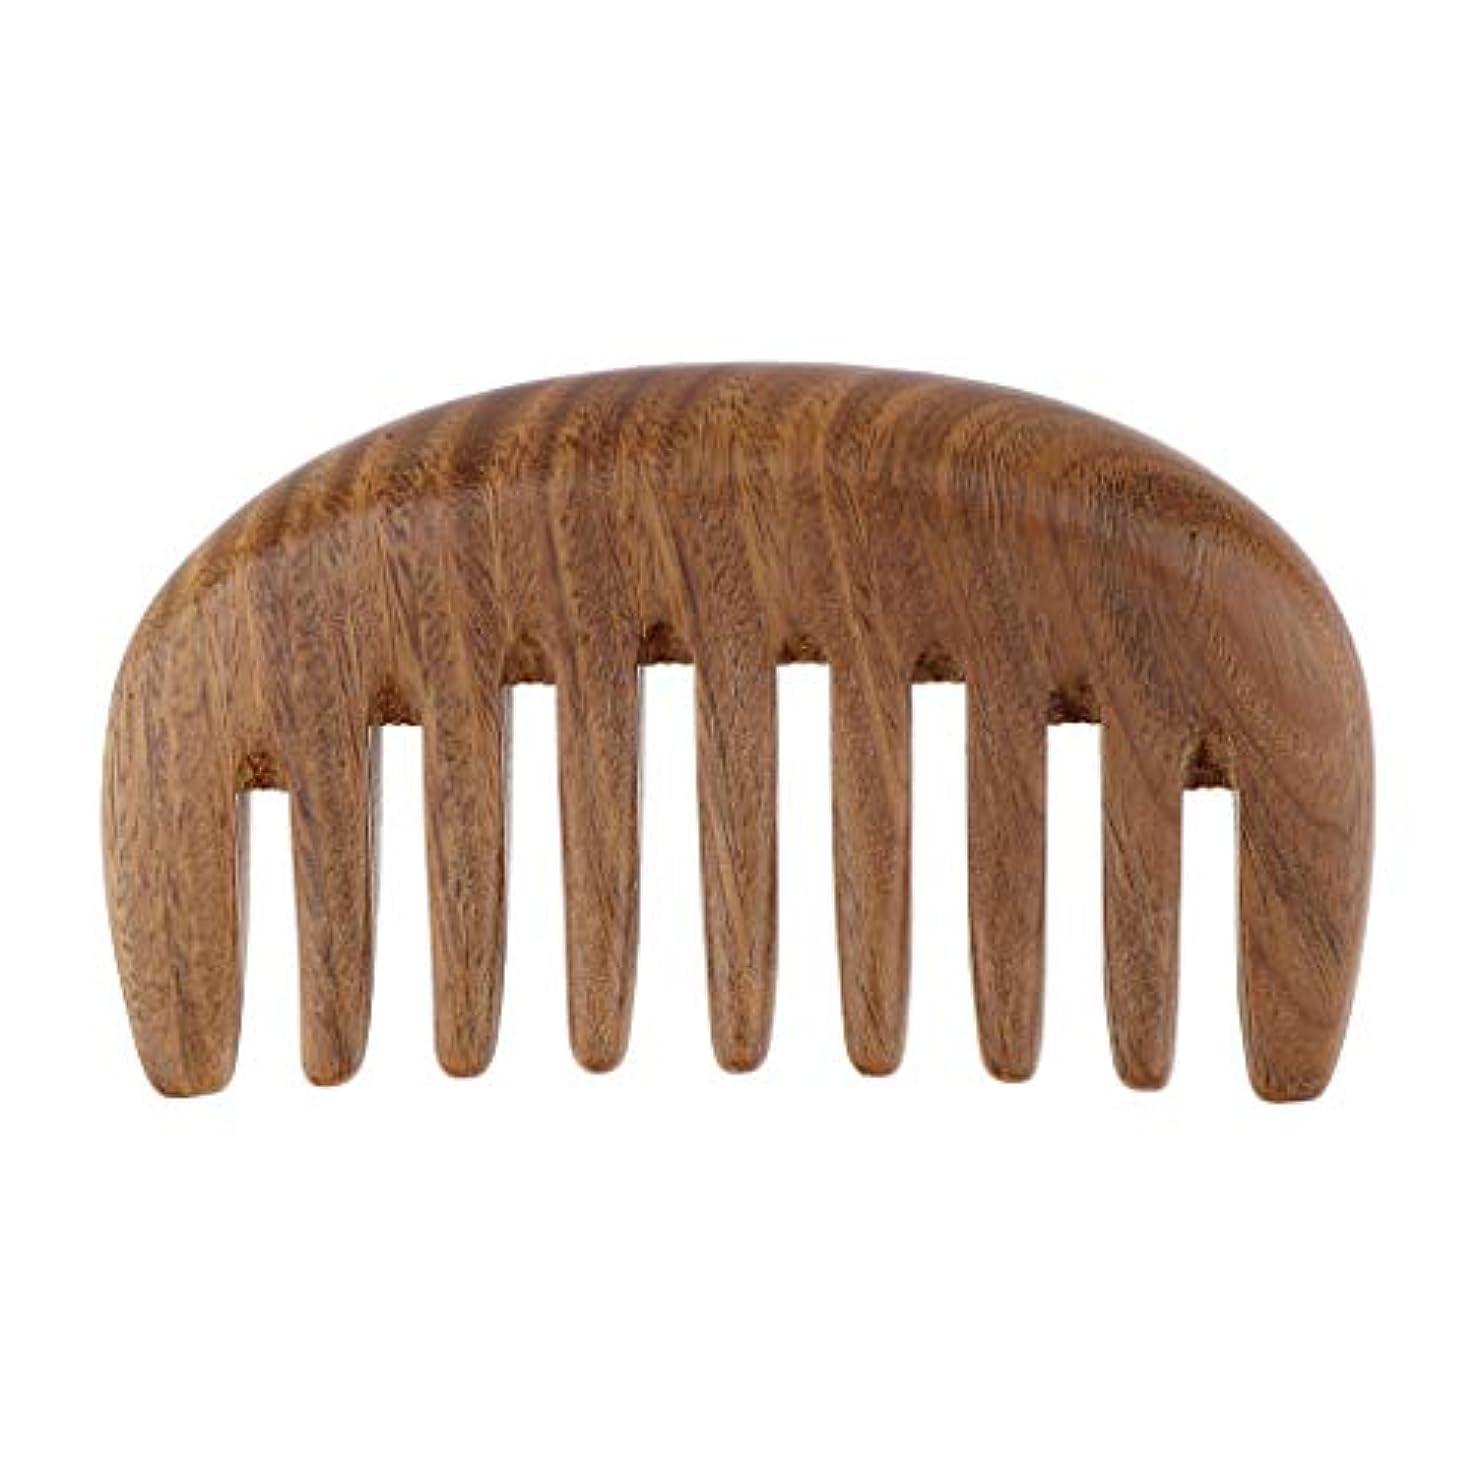 ノベルティ不公平ストレスヘアブラシ 木製 ヘアコーム ウッドコーム 帯電防止櫛 ヘアケア くし 櫛 3色選べ - ベラウッド